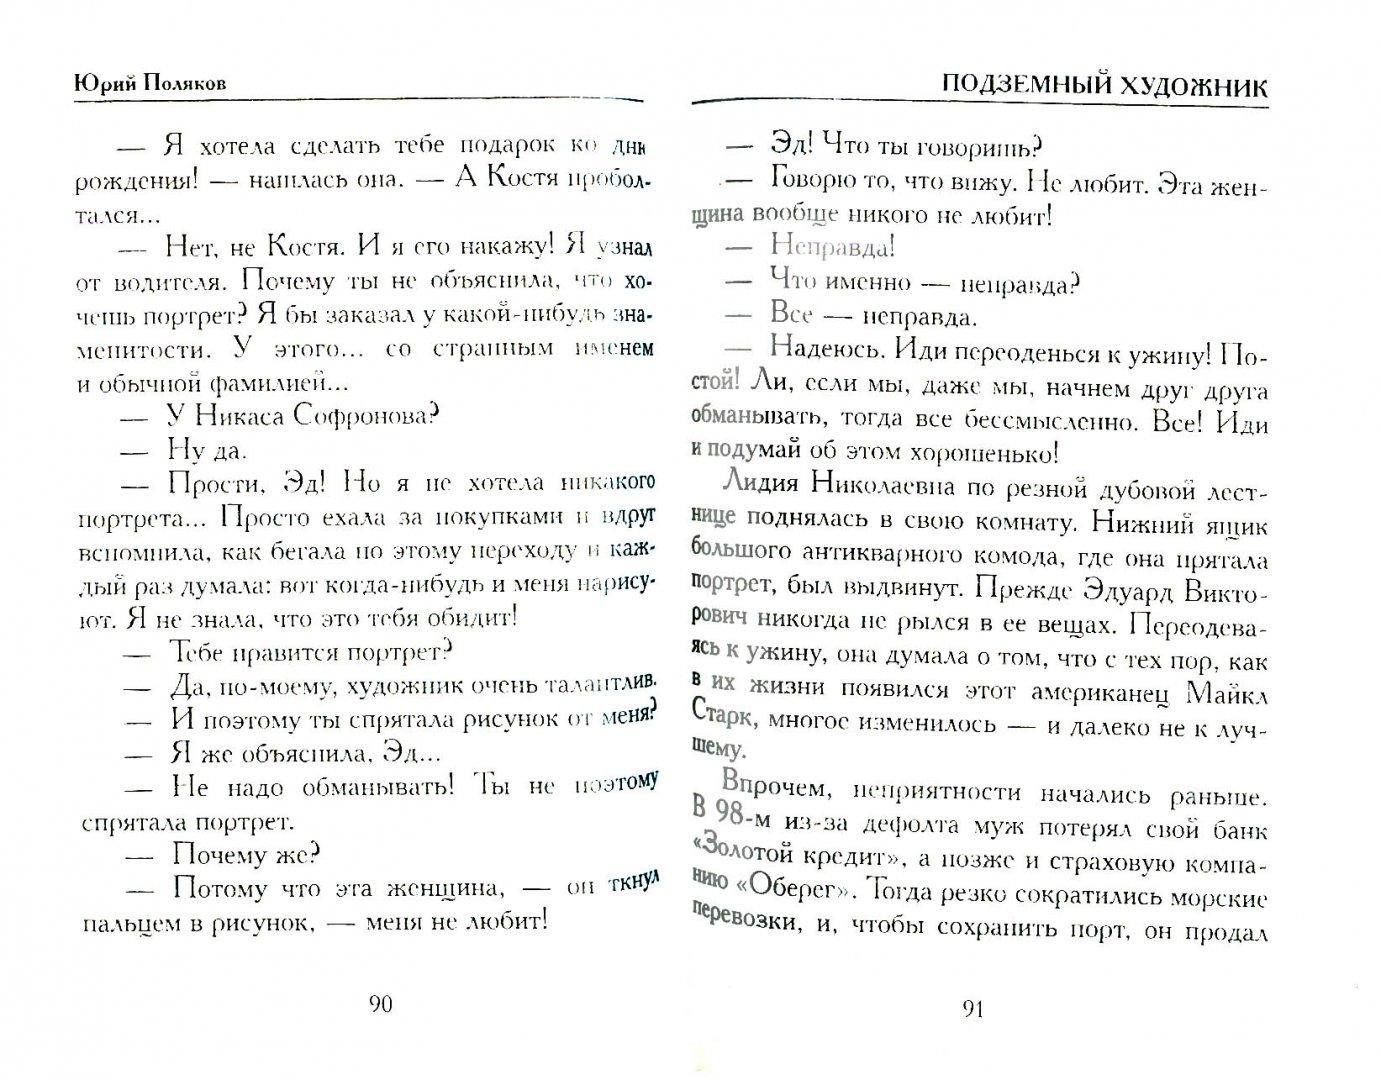 Иллюстрация 1 из 3 для Возвращение блудного мужа - Юрий Поляков | Лабиринт - книги. Источник: Лабиринт